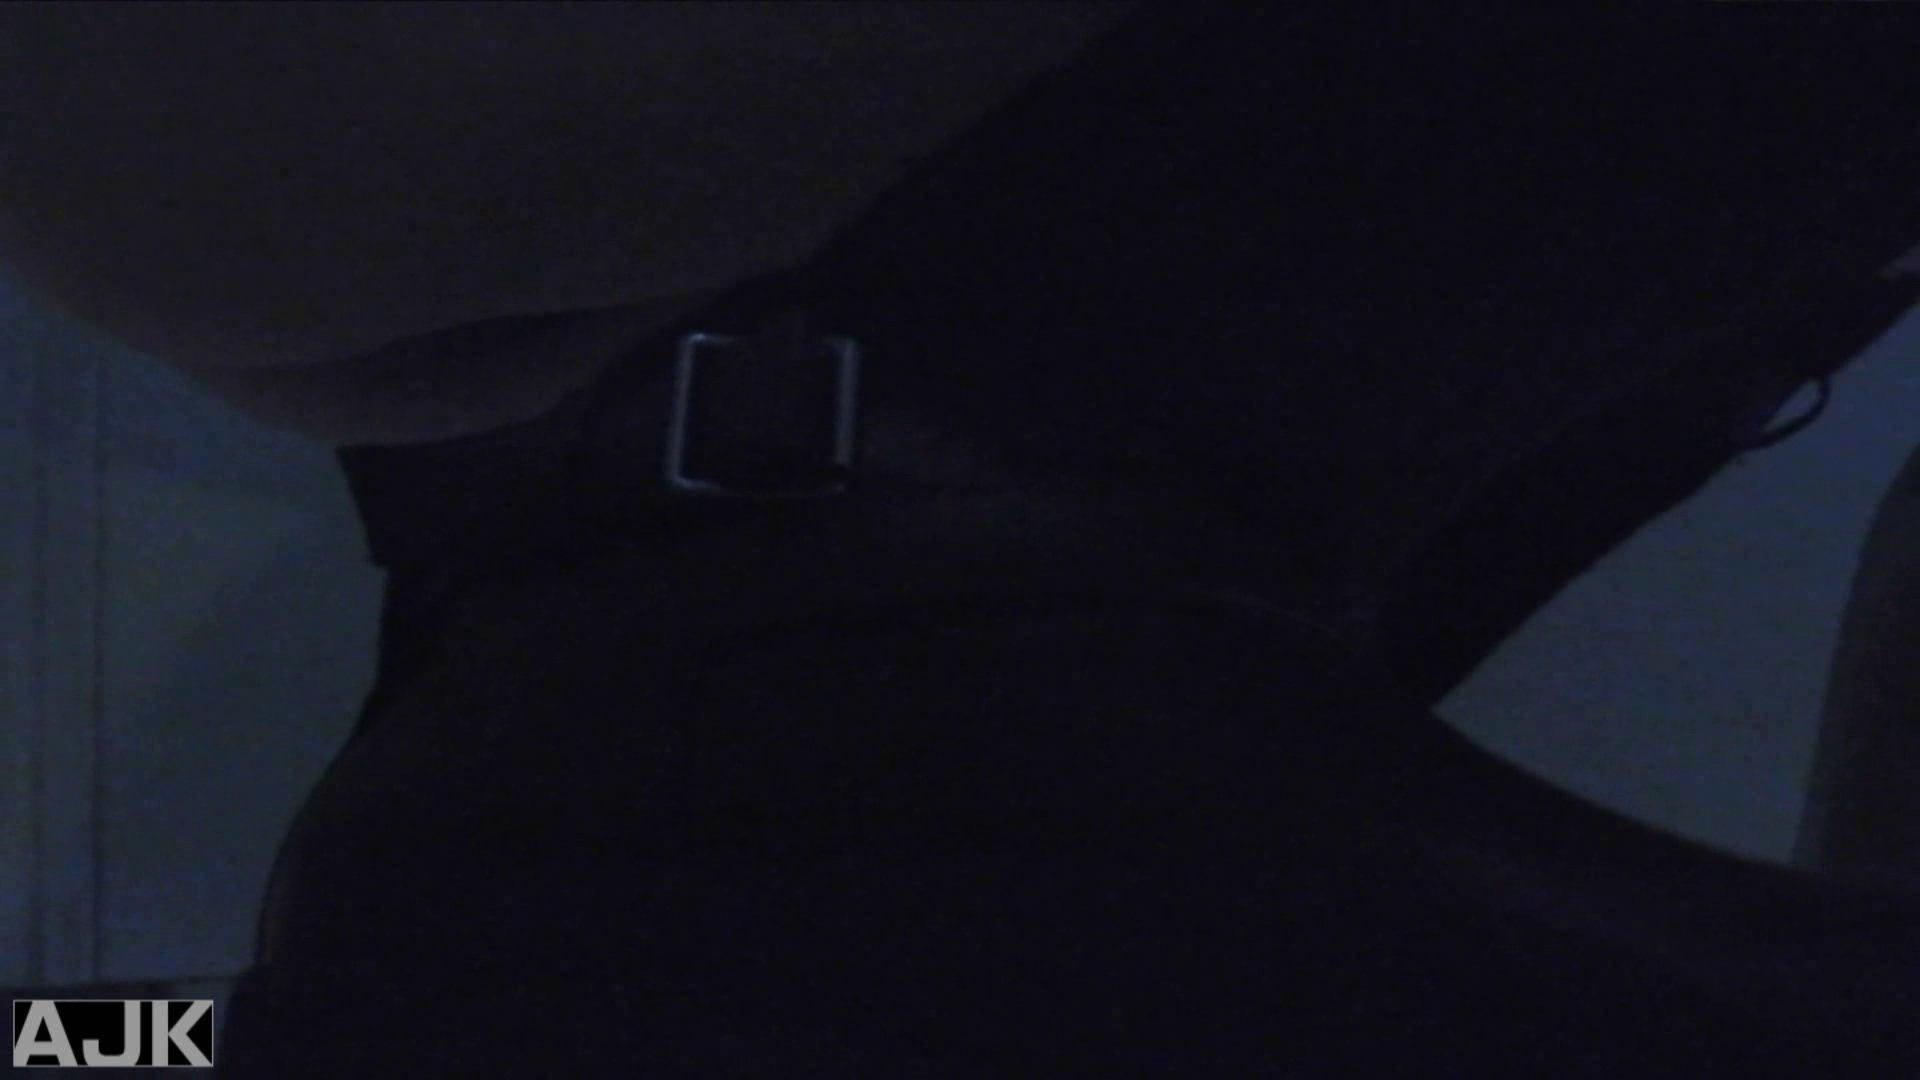 神降臨!史上最強の潜入かわや! vol.05 OLセックス 盗み撮りAV無料動画キャプチャ 81画像 16